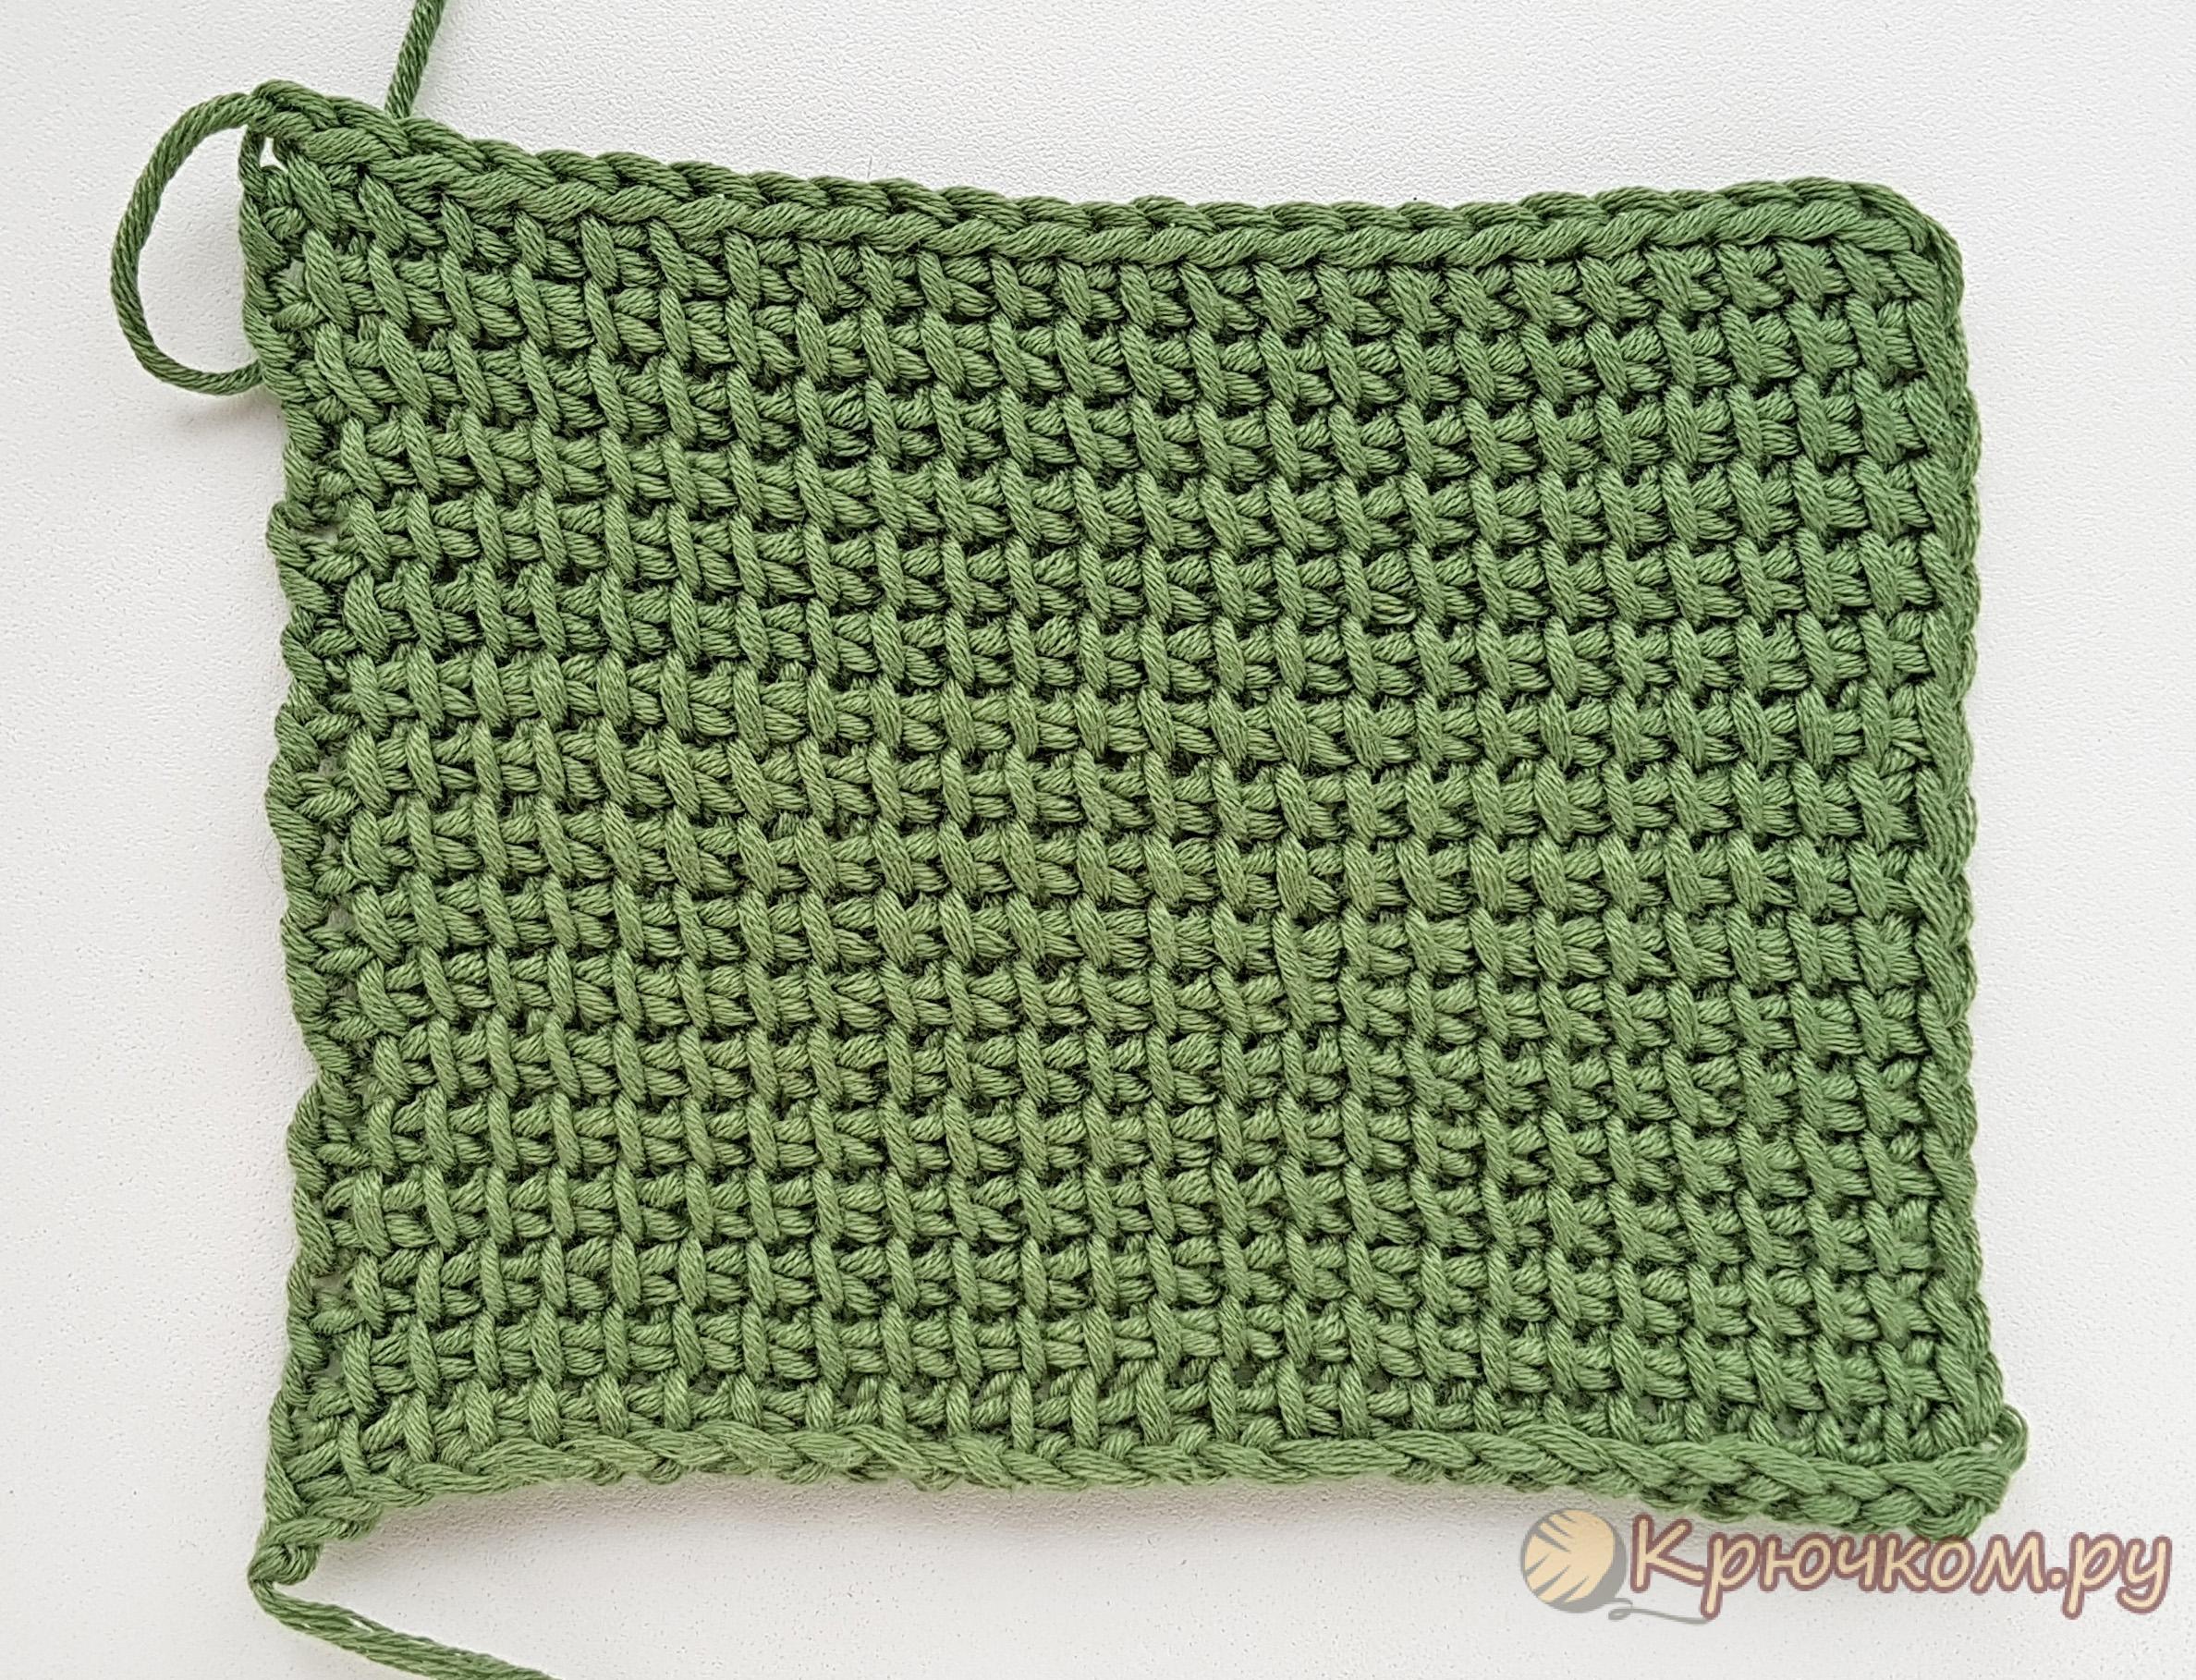 -вязание-для-начинающих-лицевая-сторона Тунисское вязание для начинающих (видео и фото МК)